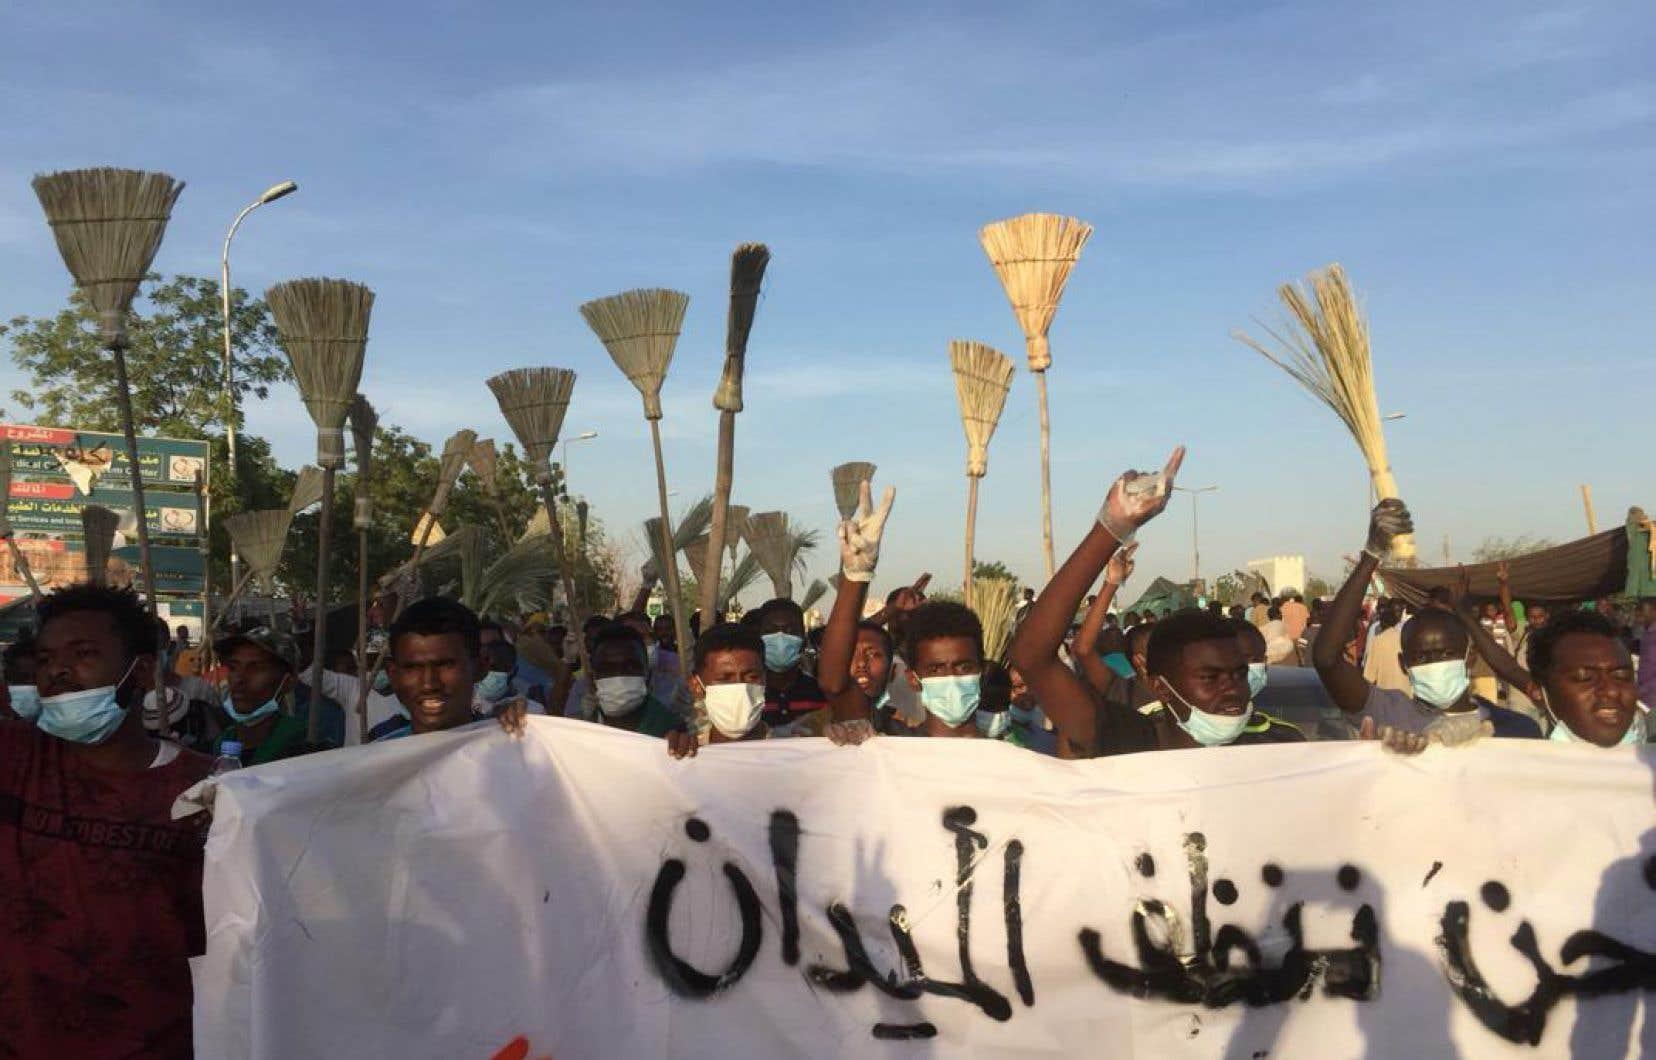 Mardi, des milliers de personnes ont afflué devant le QG militaire avec un message clair: la destitution du président Omar el-Béchir et les promesses d'instaurer un gouvernement civil, sans donner de calendrier, ne suffisent pas.